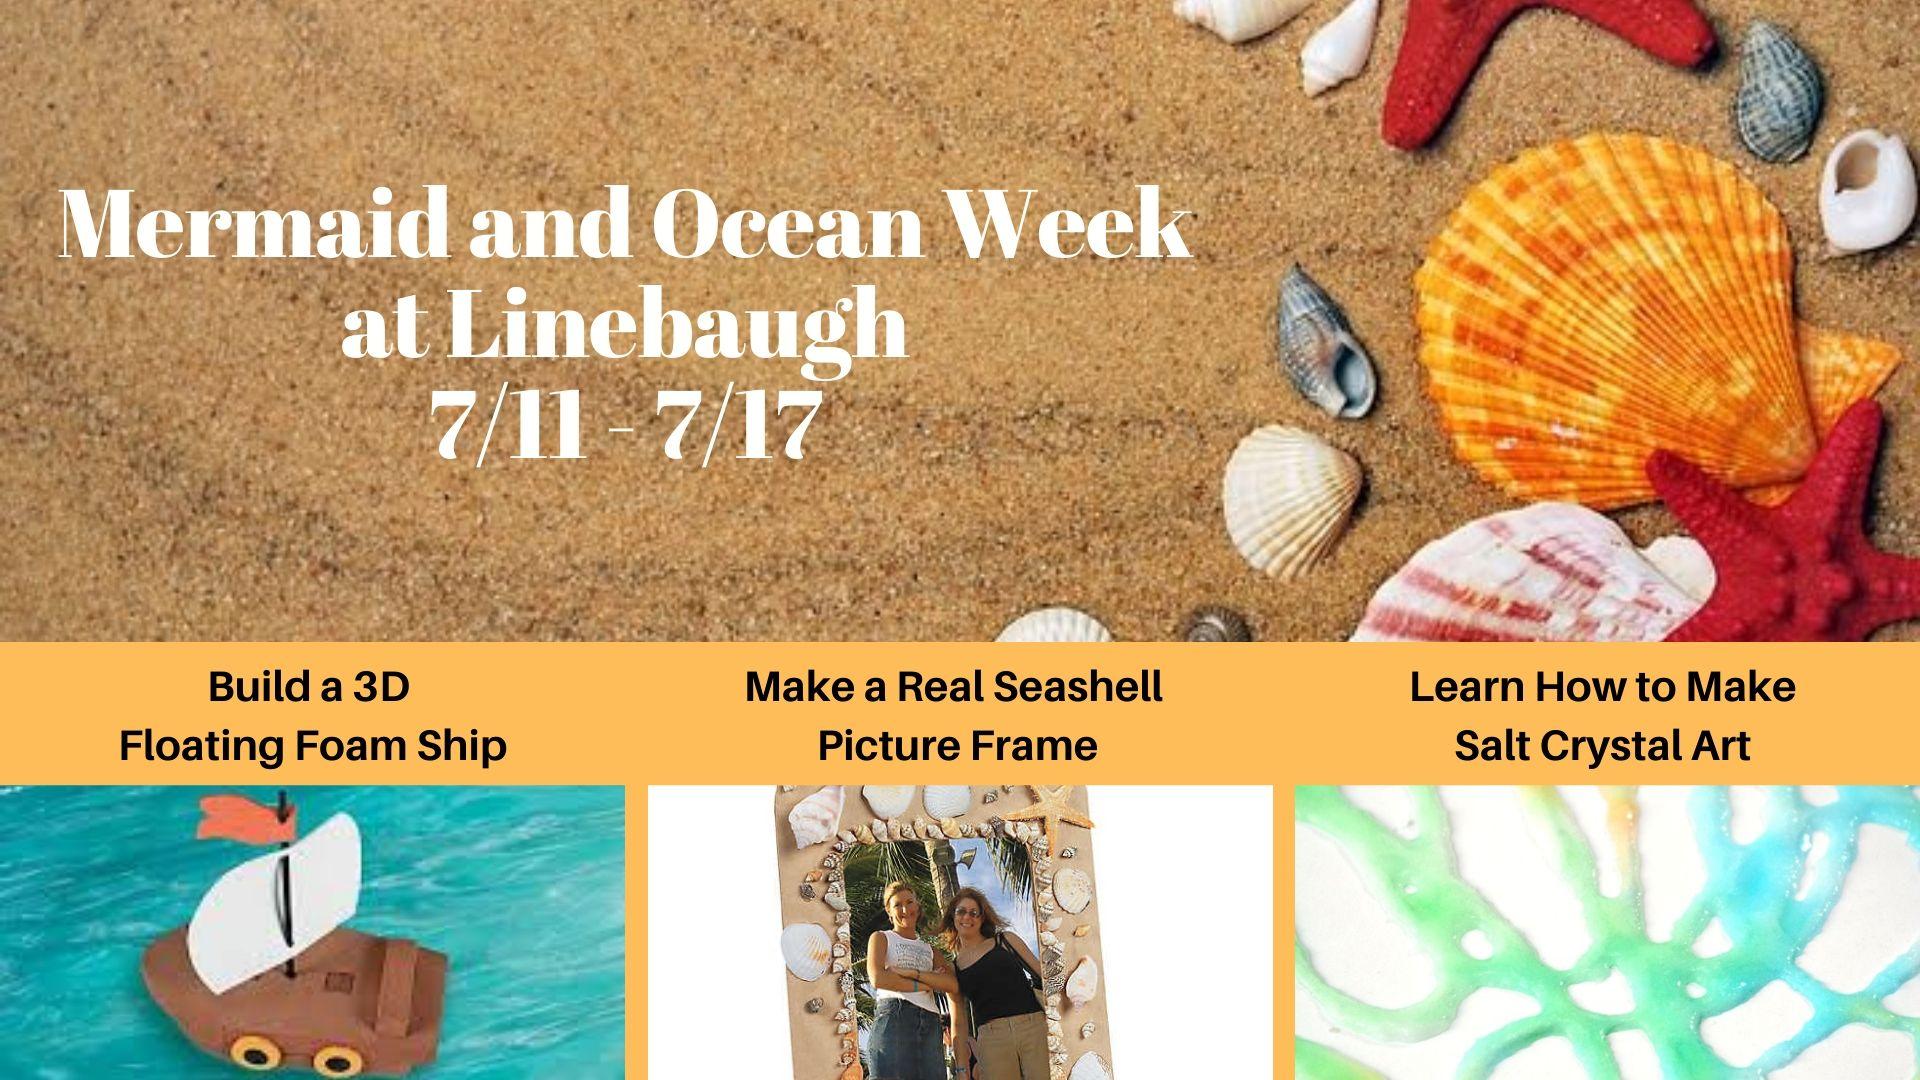 Mermaid and Ocean Week at Linebaugh